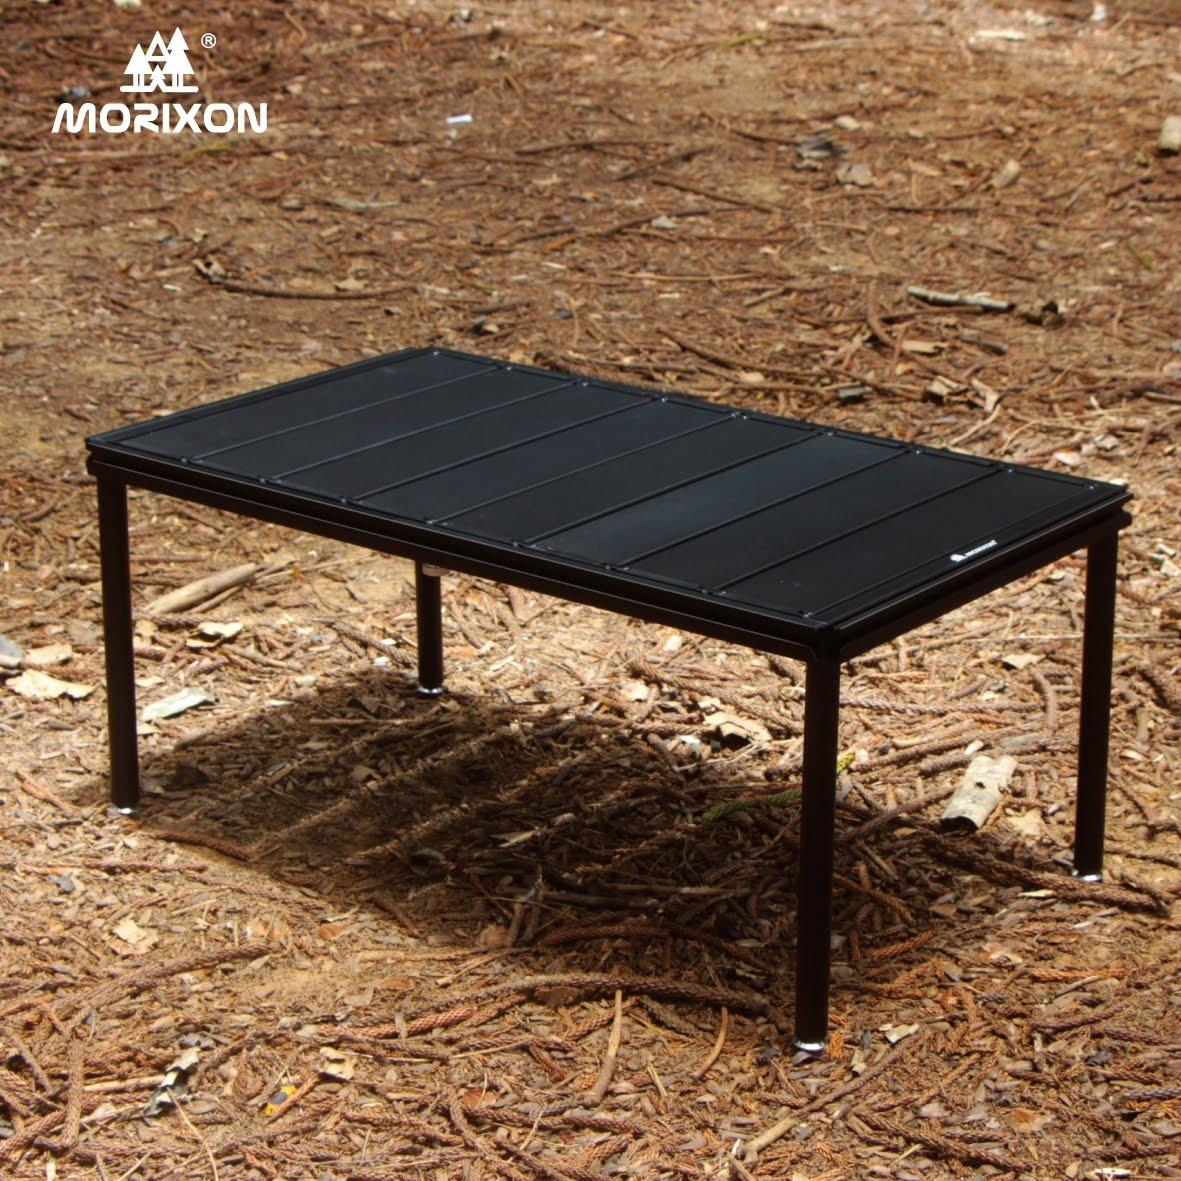 【露營好夥伴】Morixon-MT-5E 魔法小桌 蛋捲桌板  露營桌 摺疊桌 野餐桌 戶外桌 攜帶桌 迷你桌 防潑水